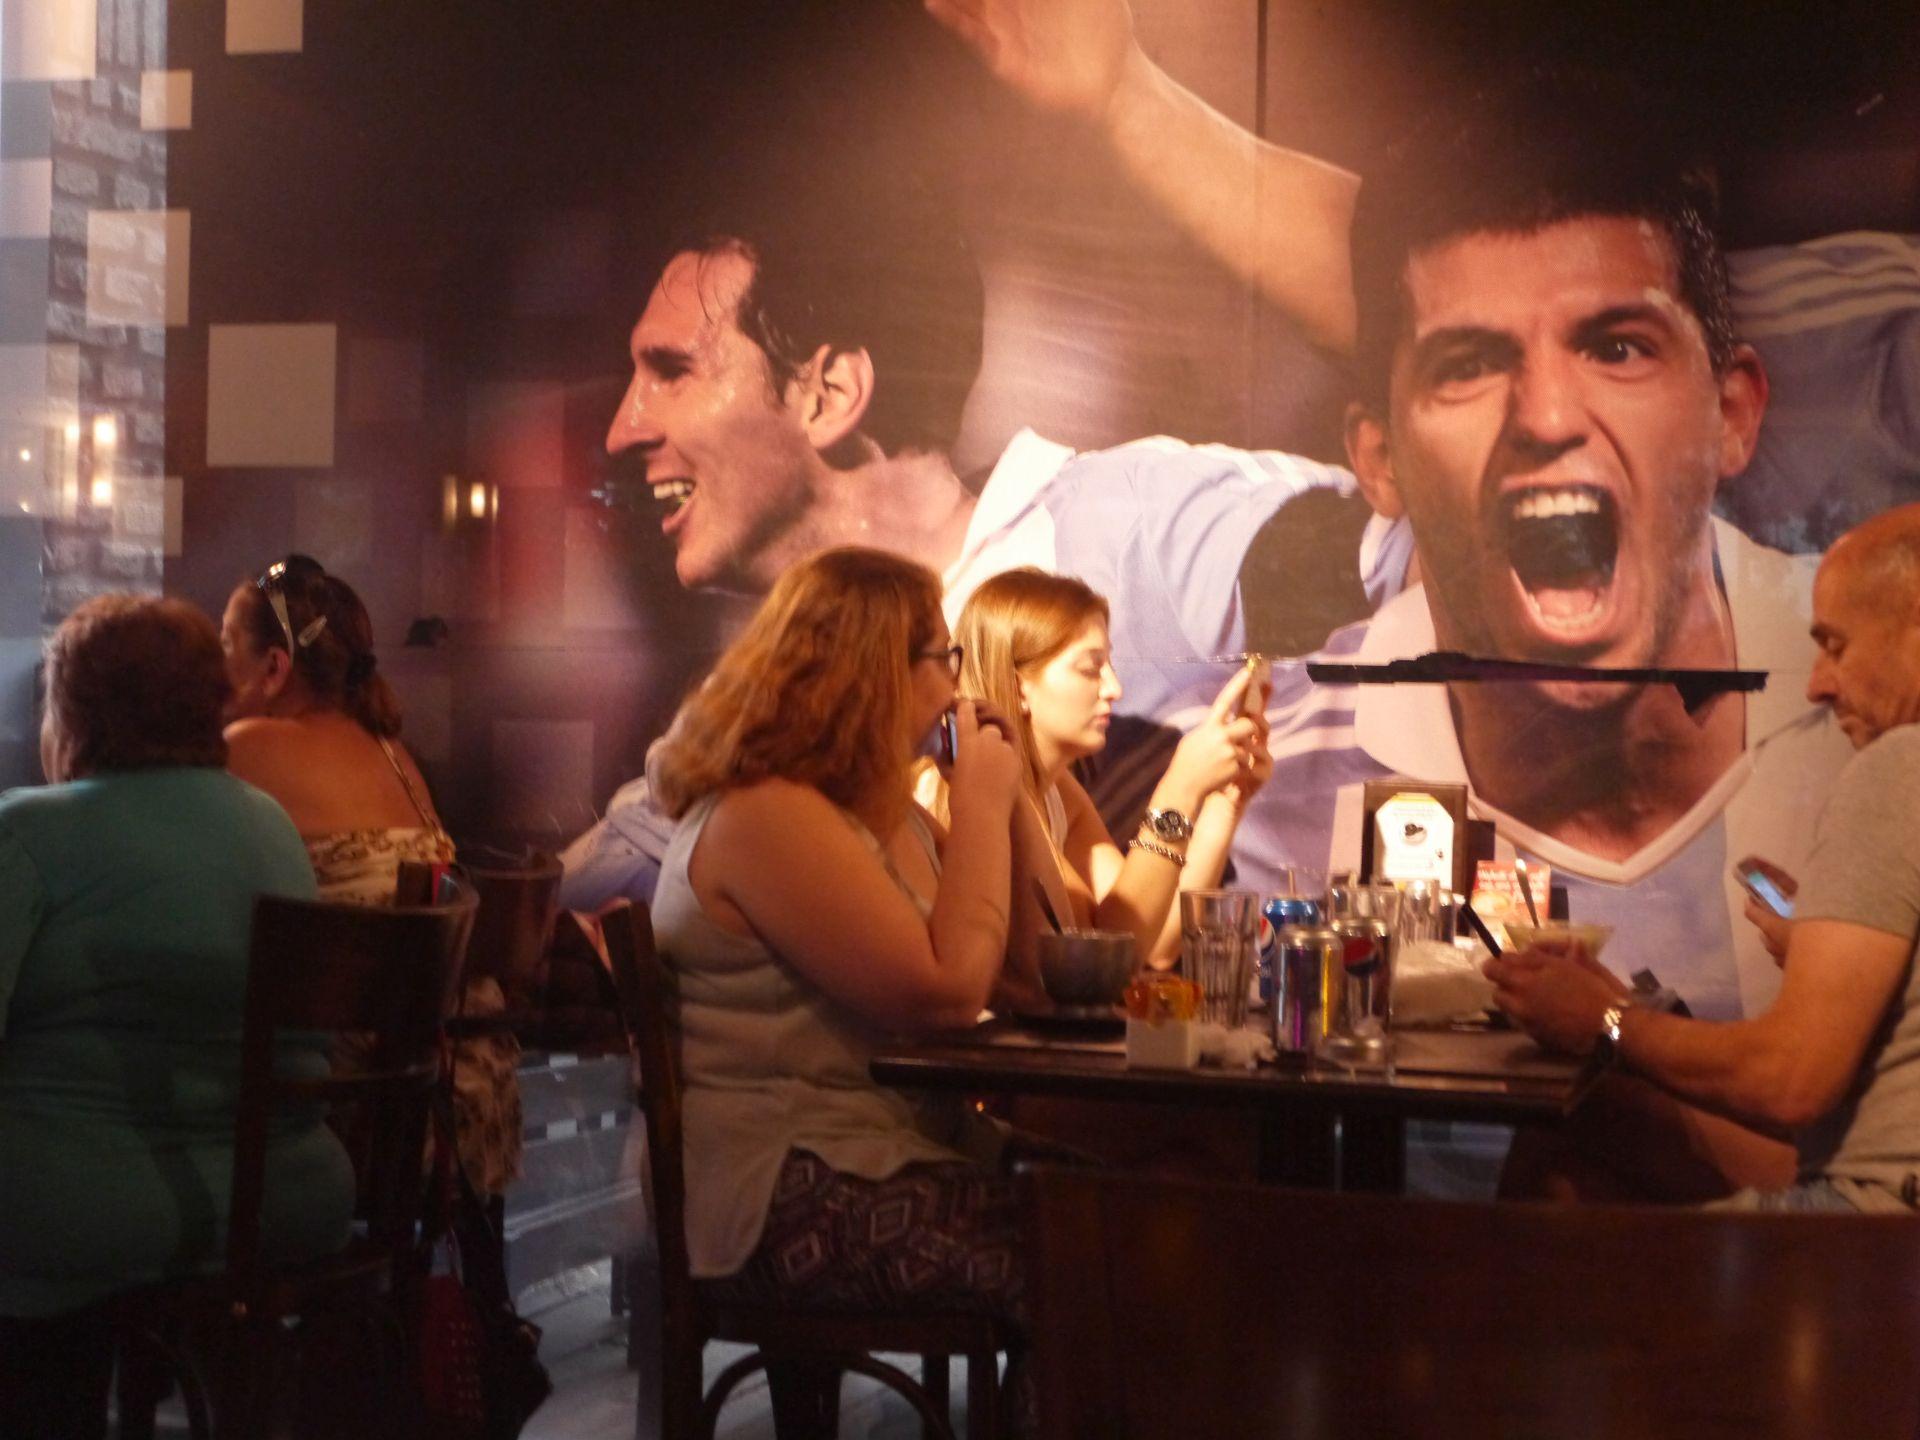 Wnętrze restauracji VIP prowadzonej przez Jorge Messiego, ojca piłkarza (fot. Intoamericas.com)